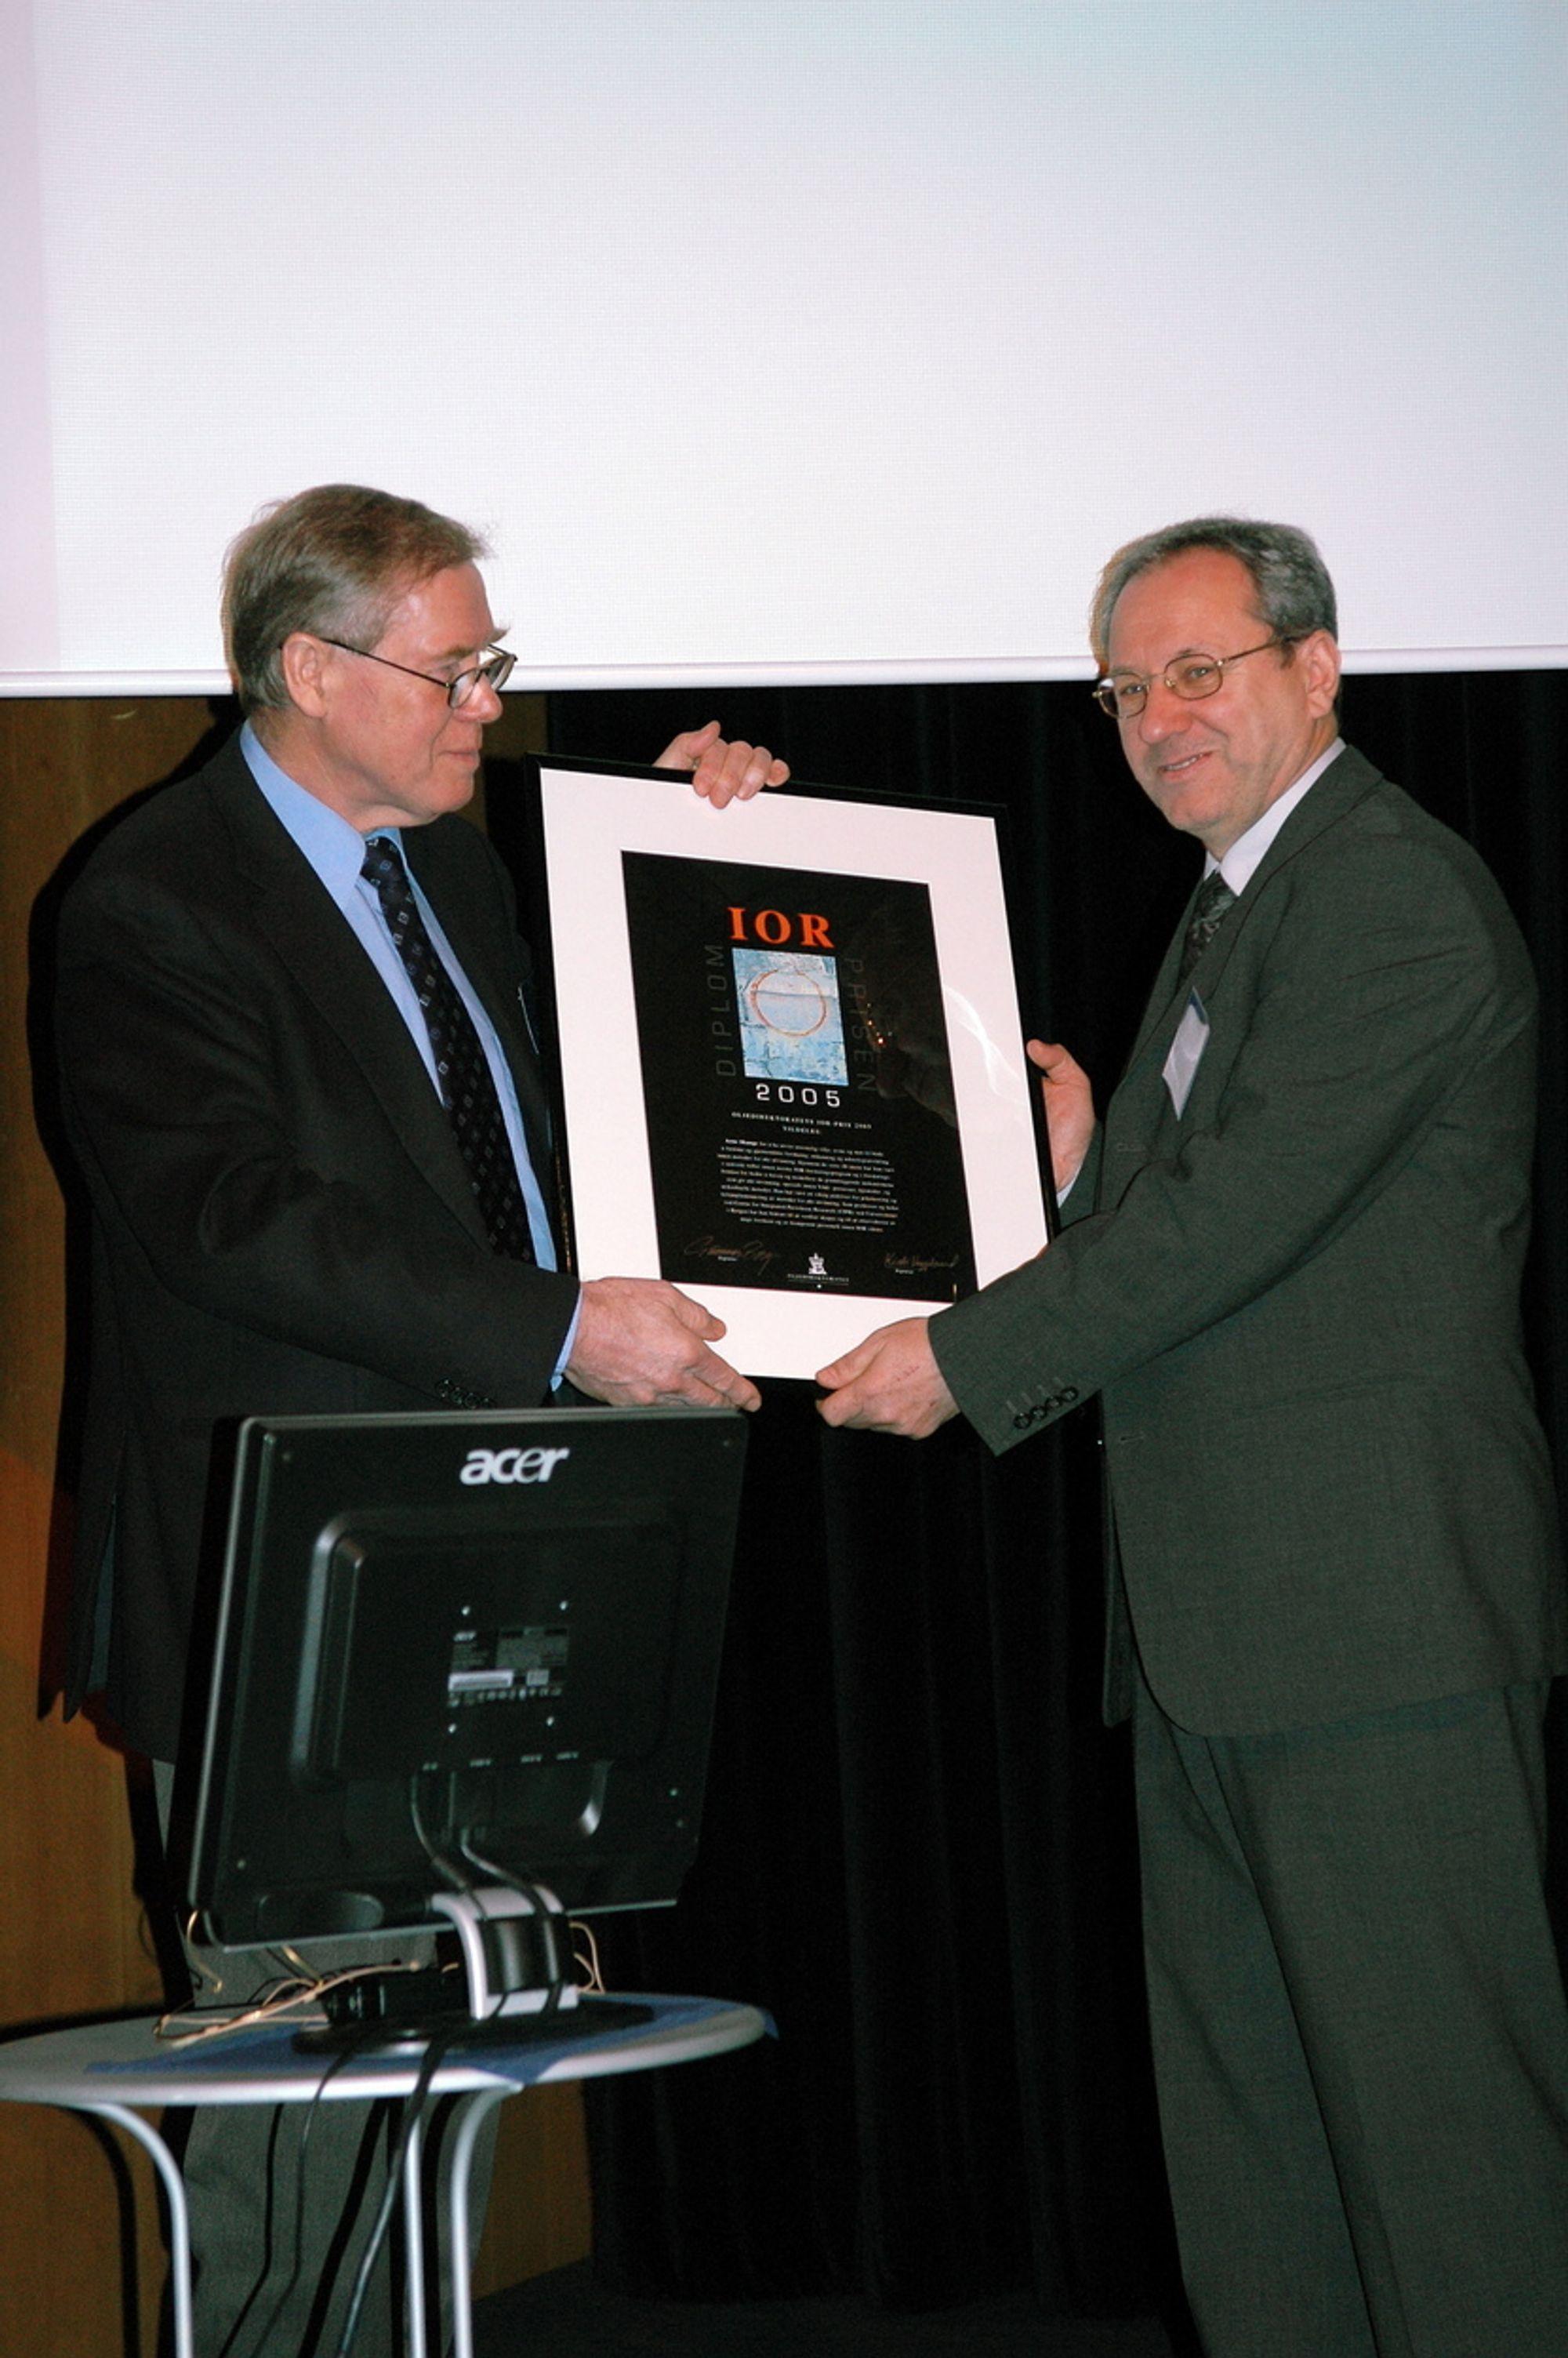 VELFORTJENT: Gunnar Berge overrekker IOR-prisen for 2005 til Arne Skauge.